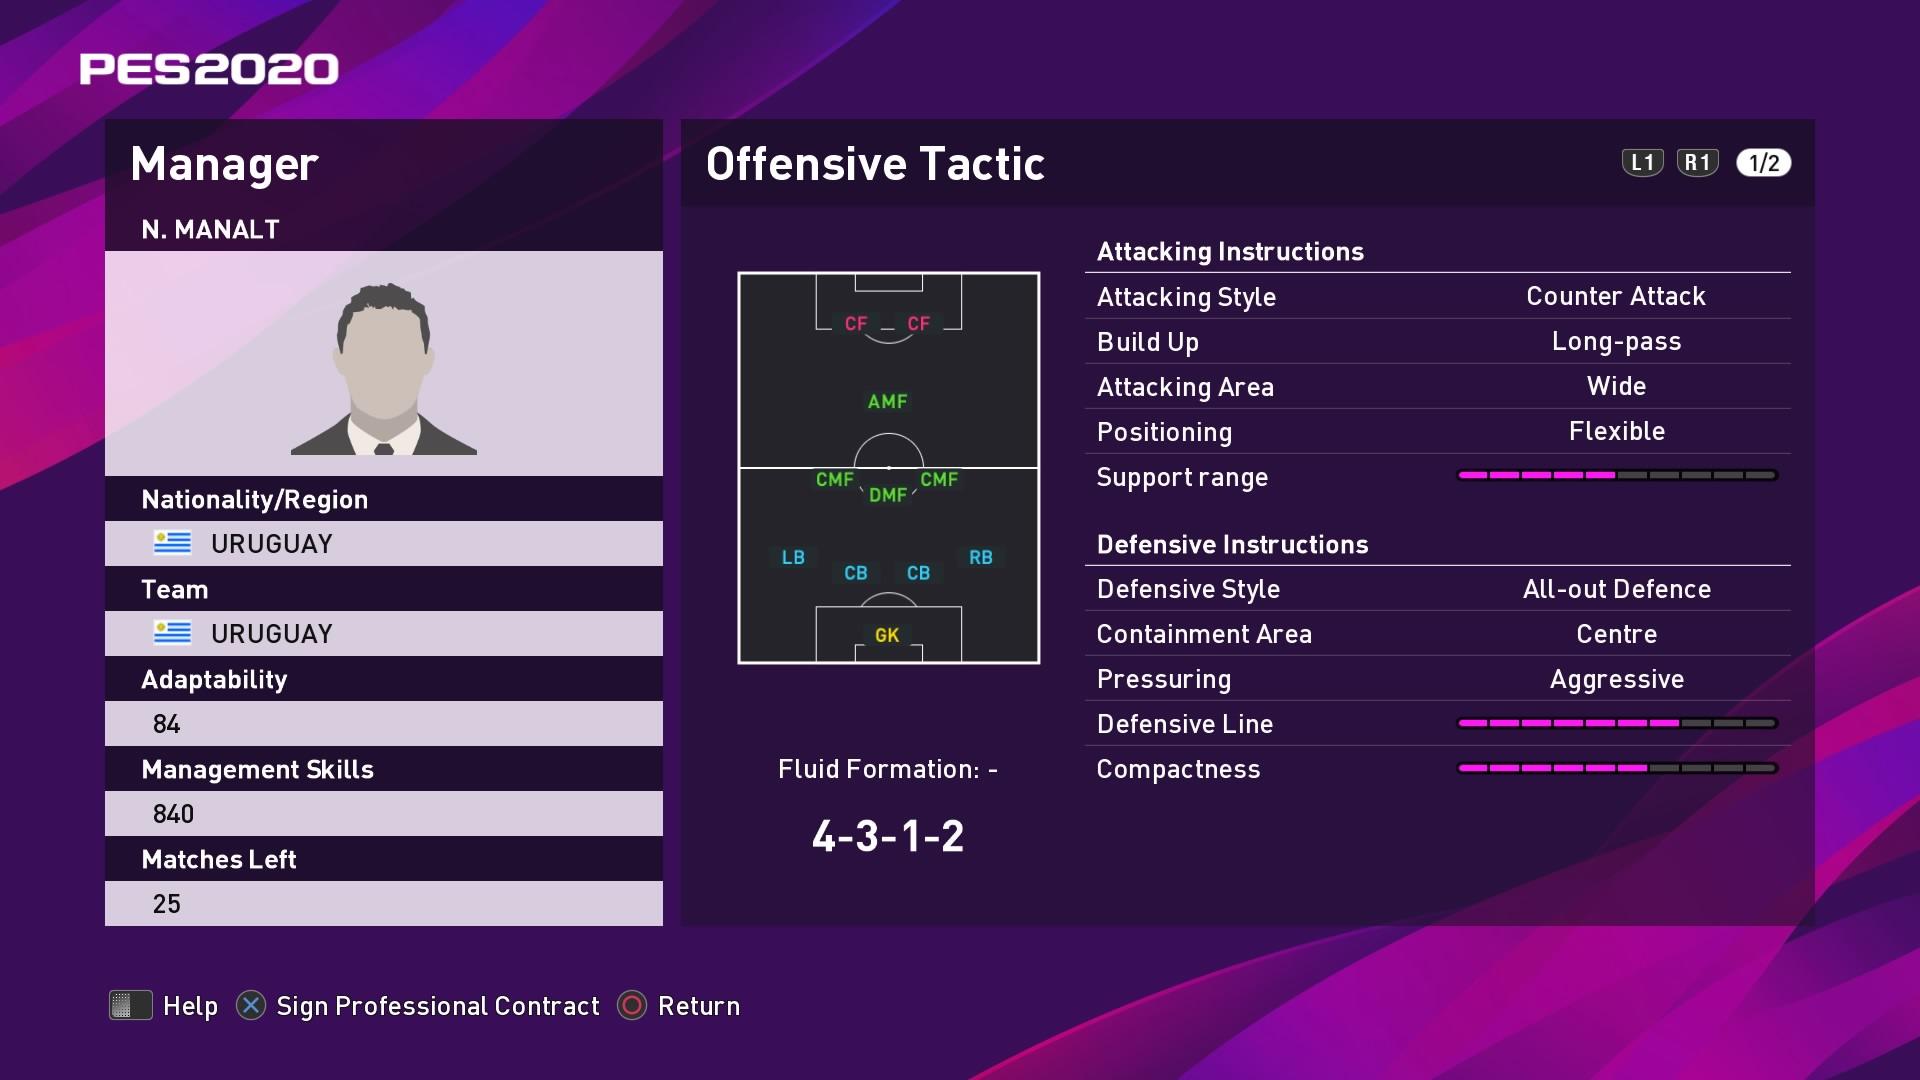 N. Manalt (Óscar Tabárez) Offensive Tactic in PES 2020 myClub